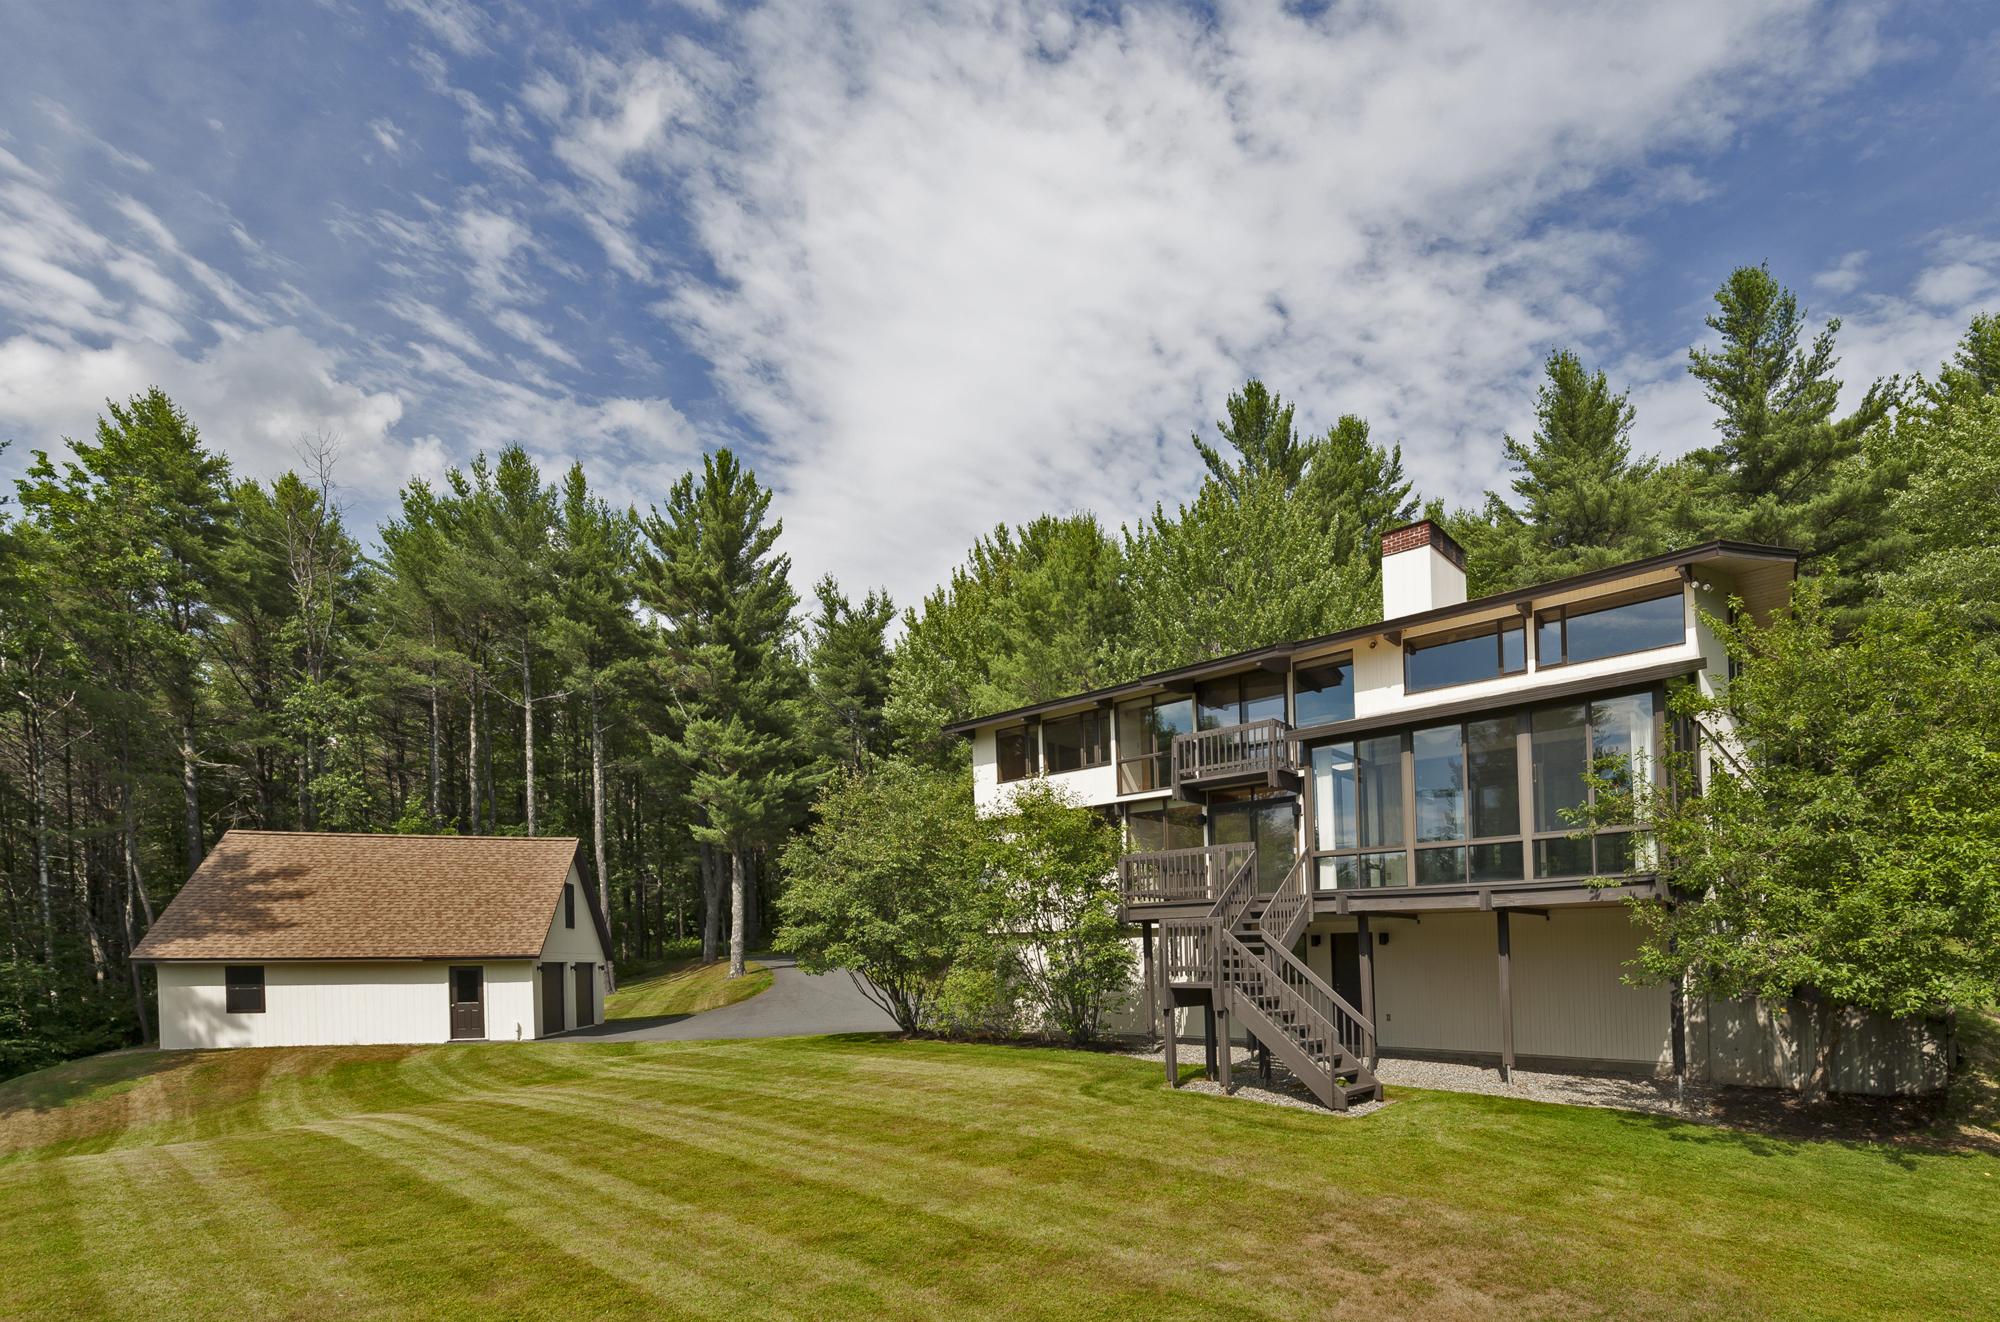 단독 가정 주택 용 매매 에 3 Juniper Lane, Hanover 3 Juniper Ln Hanover, 뉴햄프셔, 03755 미국